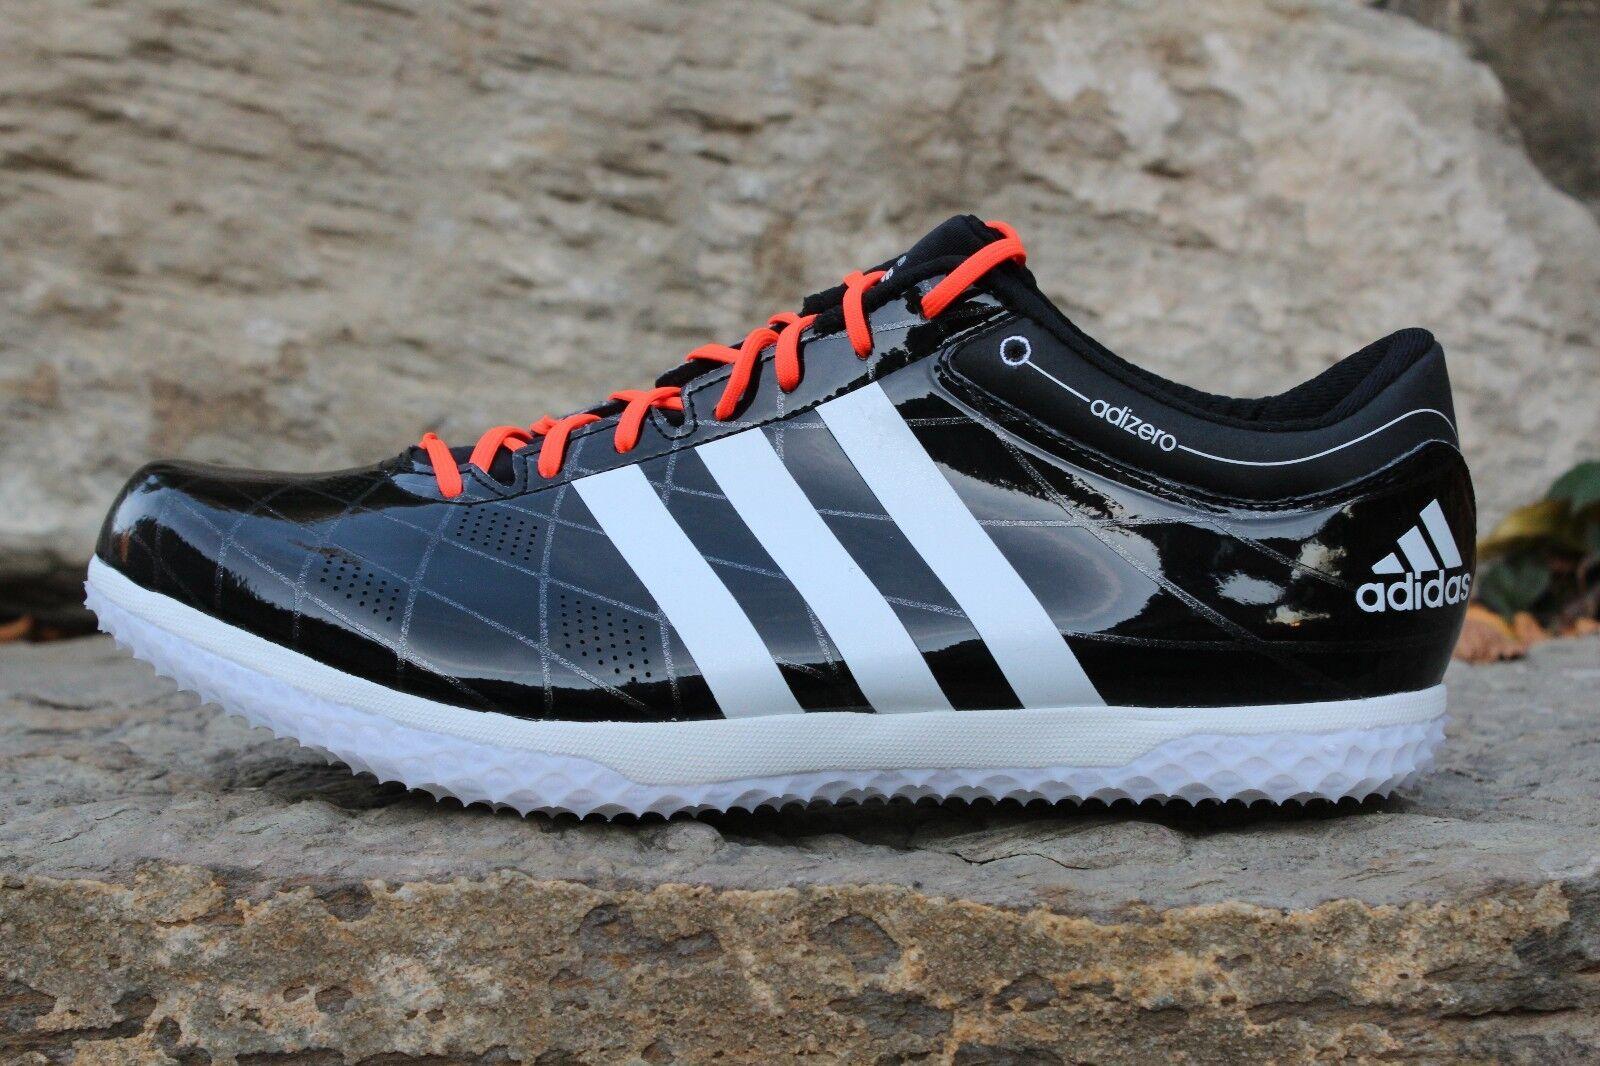 11 neue hochsprung adidas adizero h fl hochsprung neue track spikes schwarze größen 5, 10 56e03f